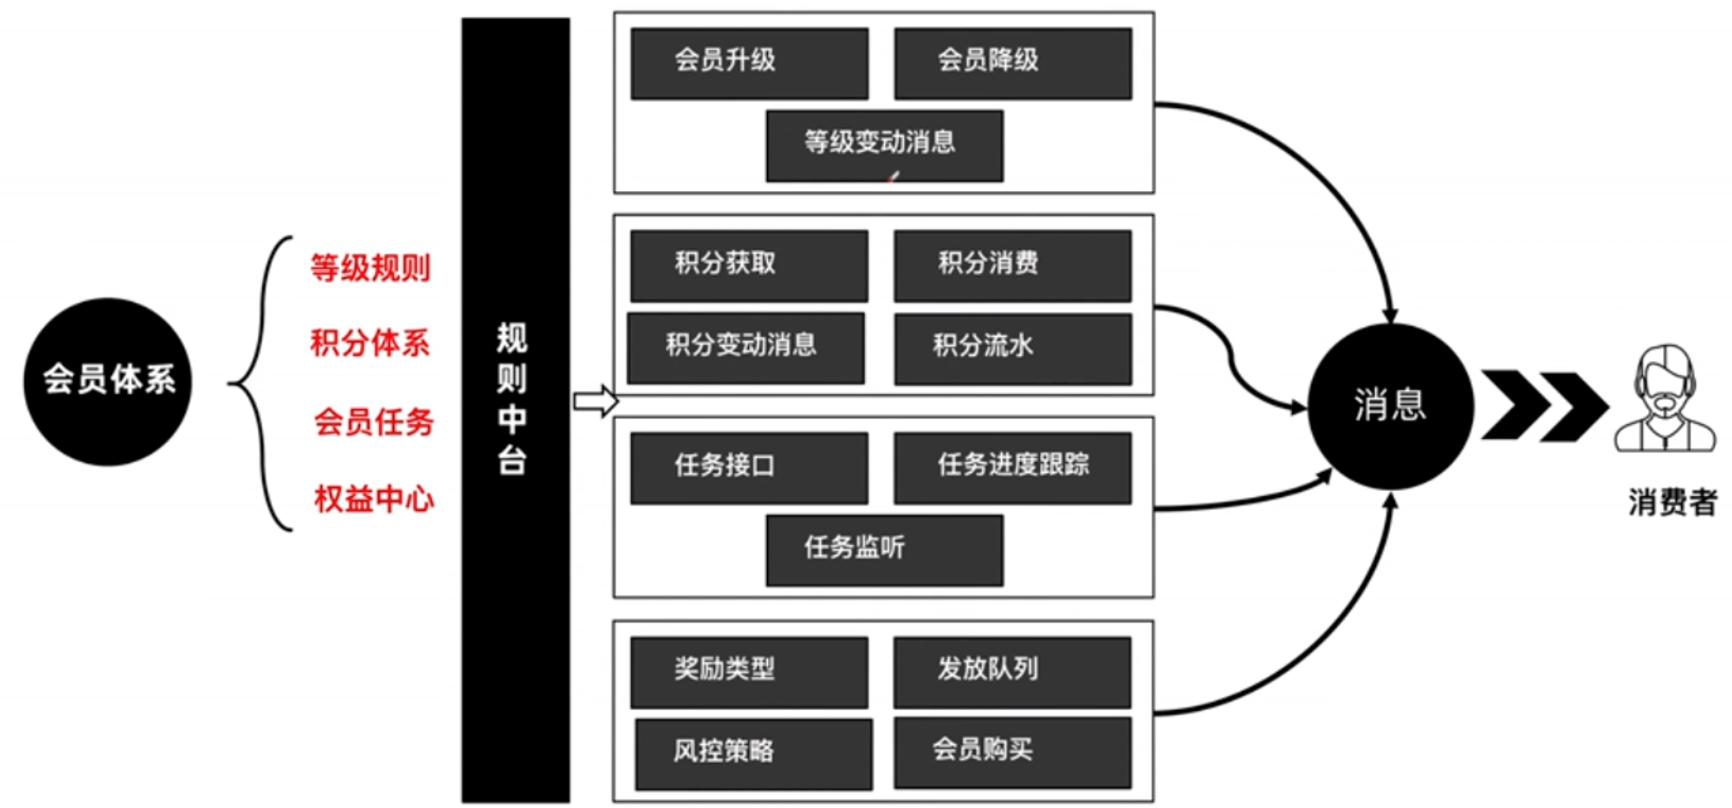 8000字干货教你打造电商产品的用户体系